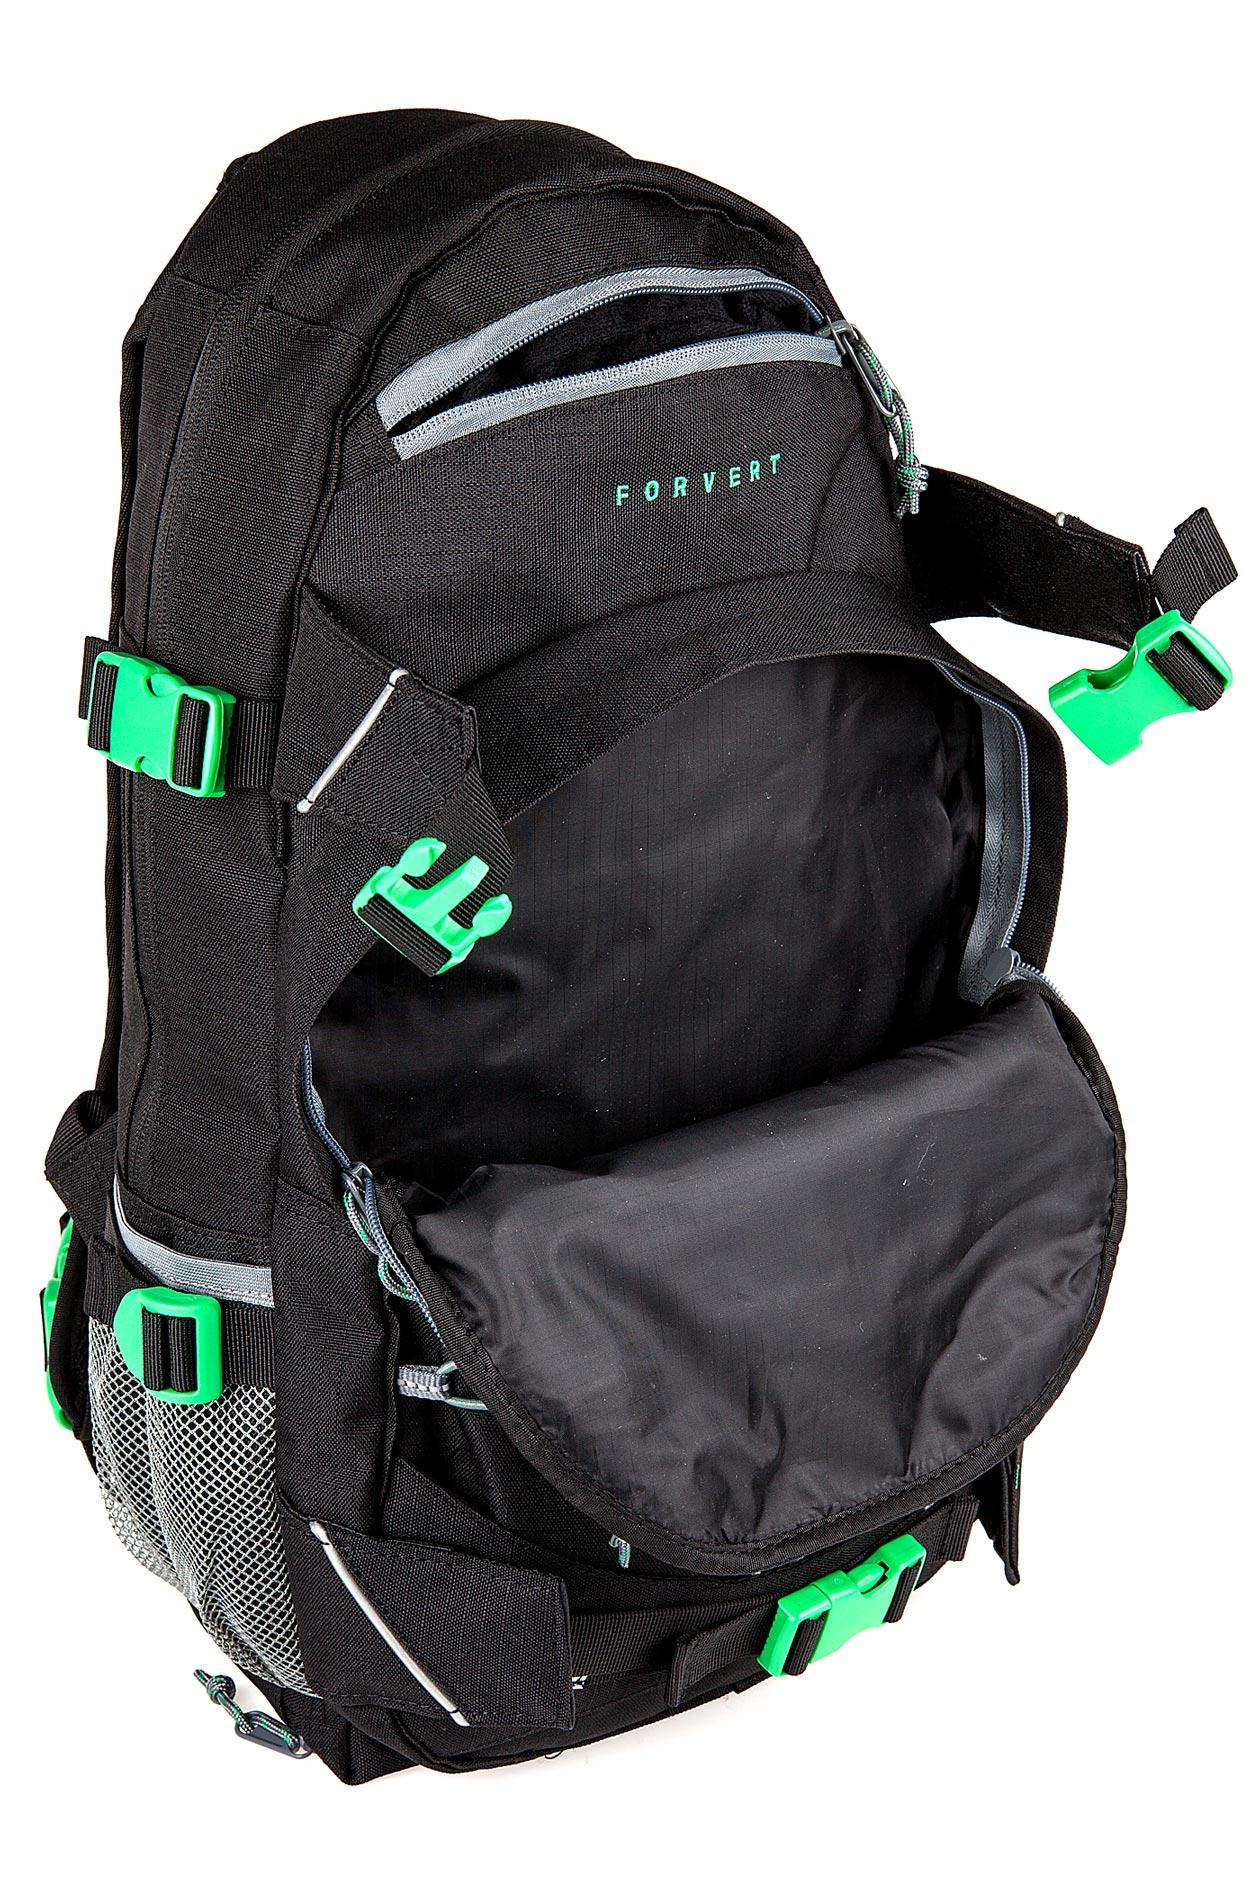 forvert ripstop louis backpack 20l black buy at skatedeluxe. Black Bedroom Furniture Sets. Home Design Ideas